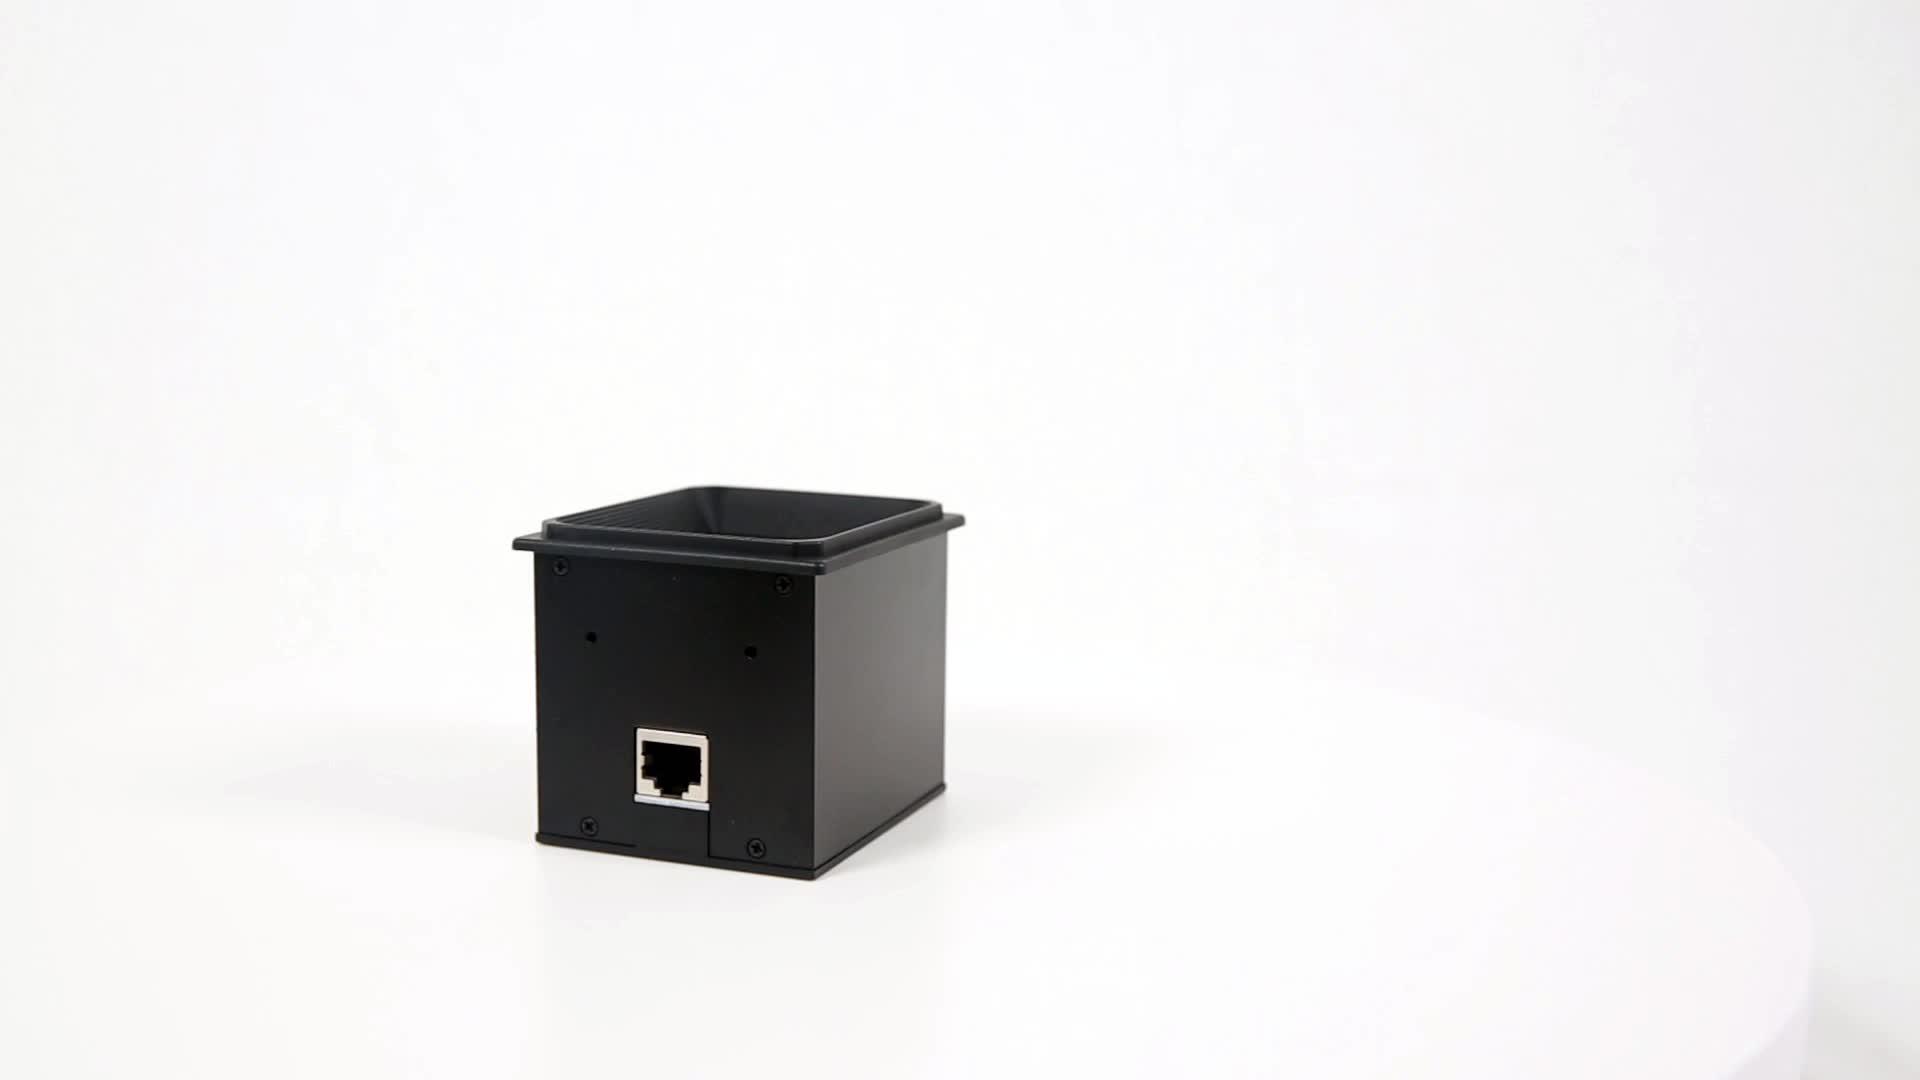 YK-EP3000 Modul Pemindai Kode Batang 2d, Wifi dan Rs232 Usb Rs232 Pemindai Dudukan Tetap untuk Kontrol Akses Kios Bar Pembaca Kode QR